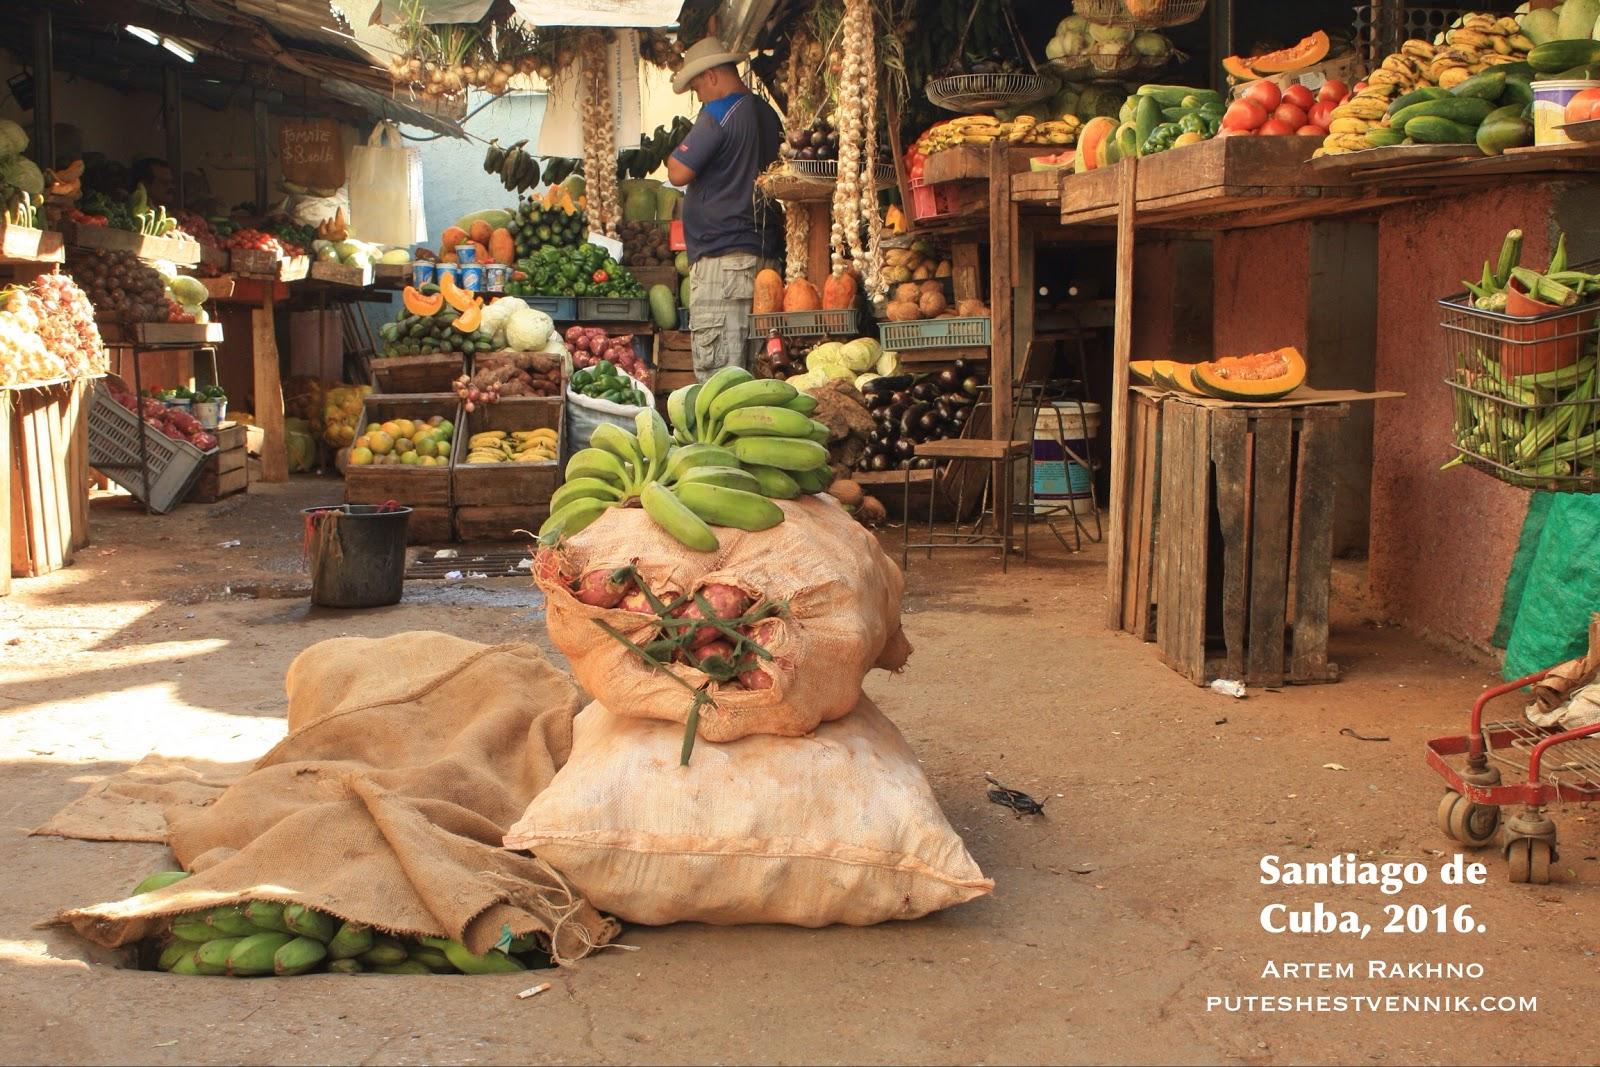 Рынок овощей и фруктов на Кубе